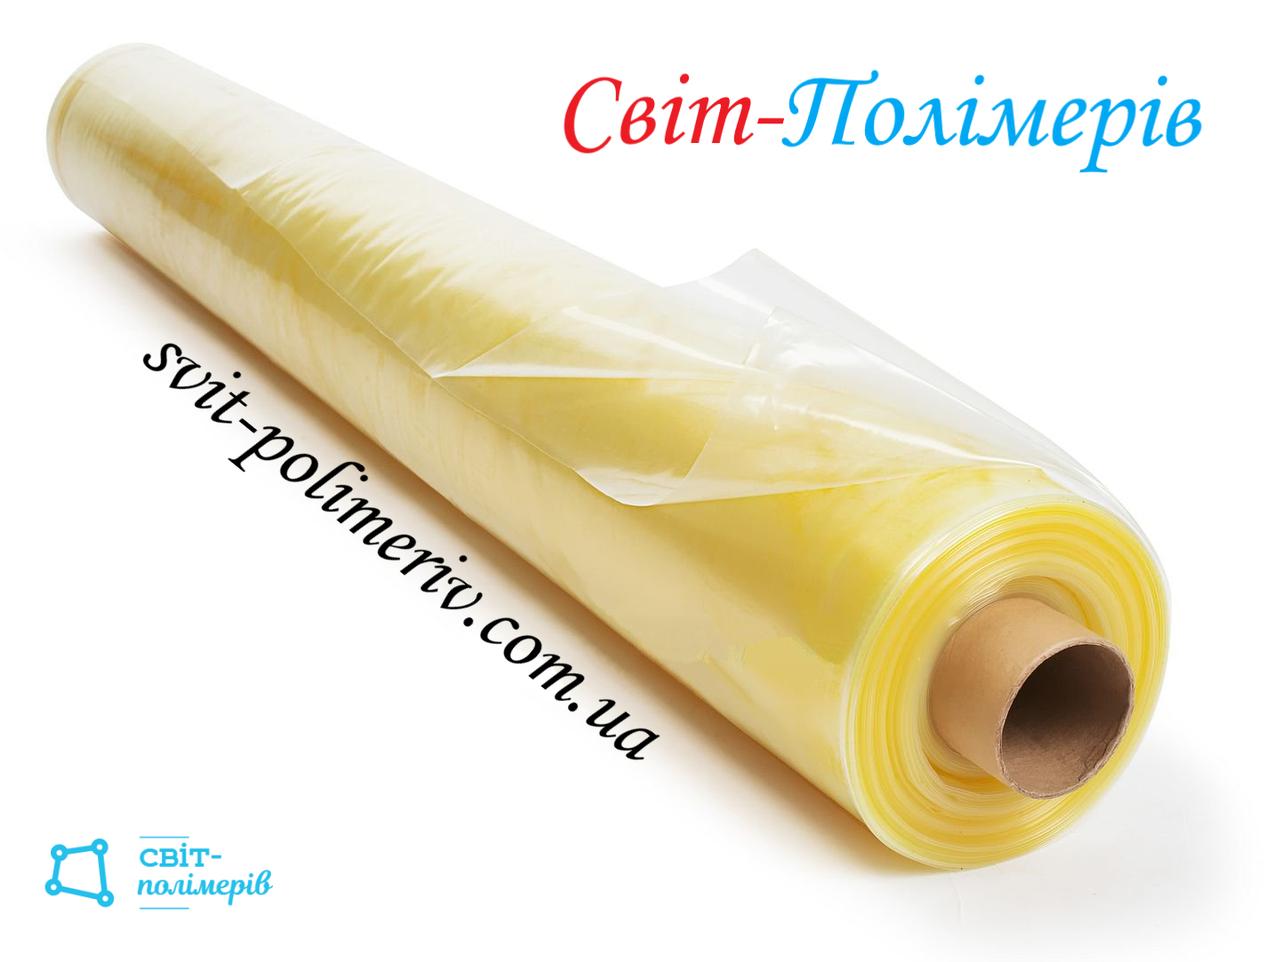 Пленка тепличная желтая UV 24 мес. РУКАВ 3 м, 70 мкм (вес 19-20 кг)